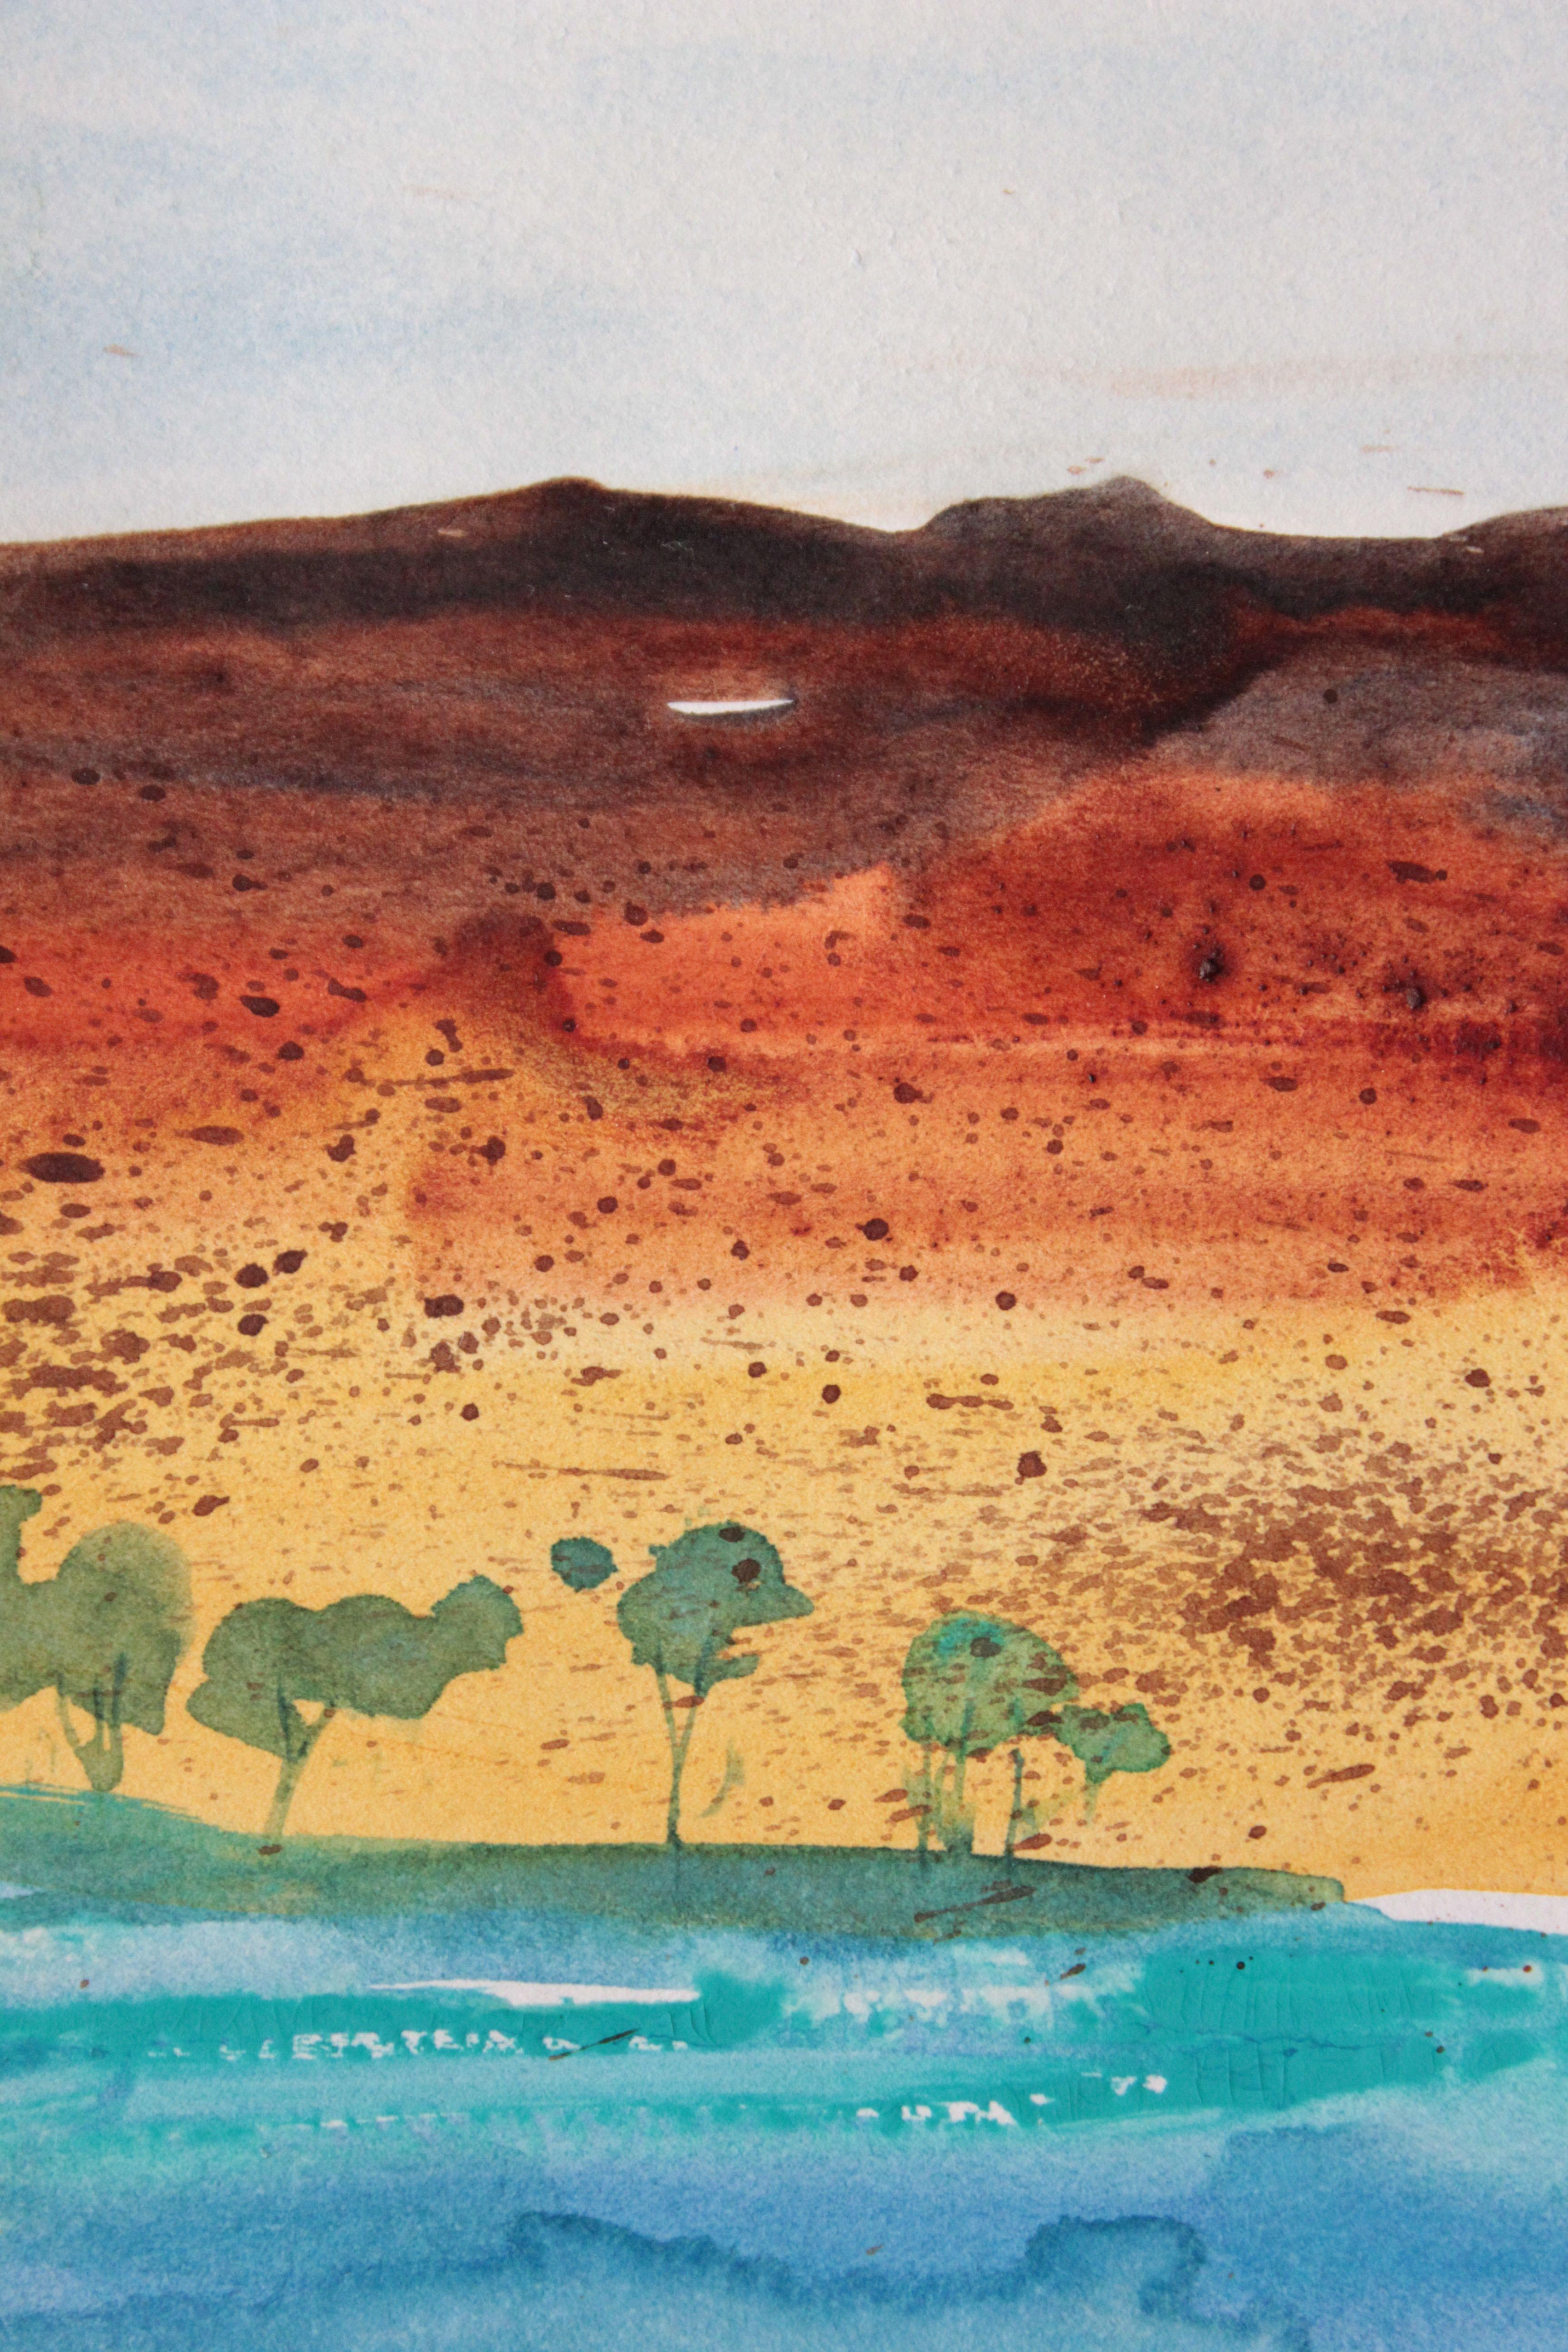 Impressionistic Watercolour debiriley.com